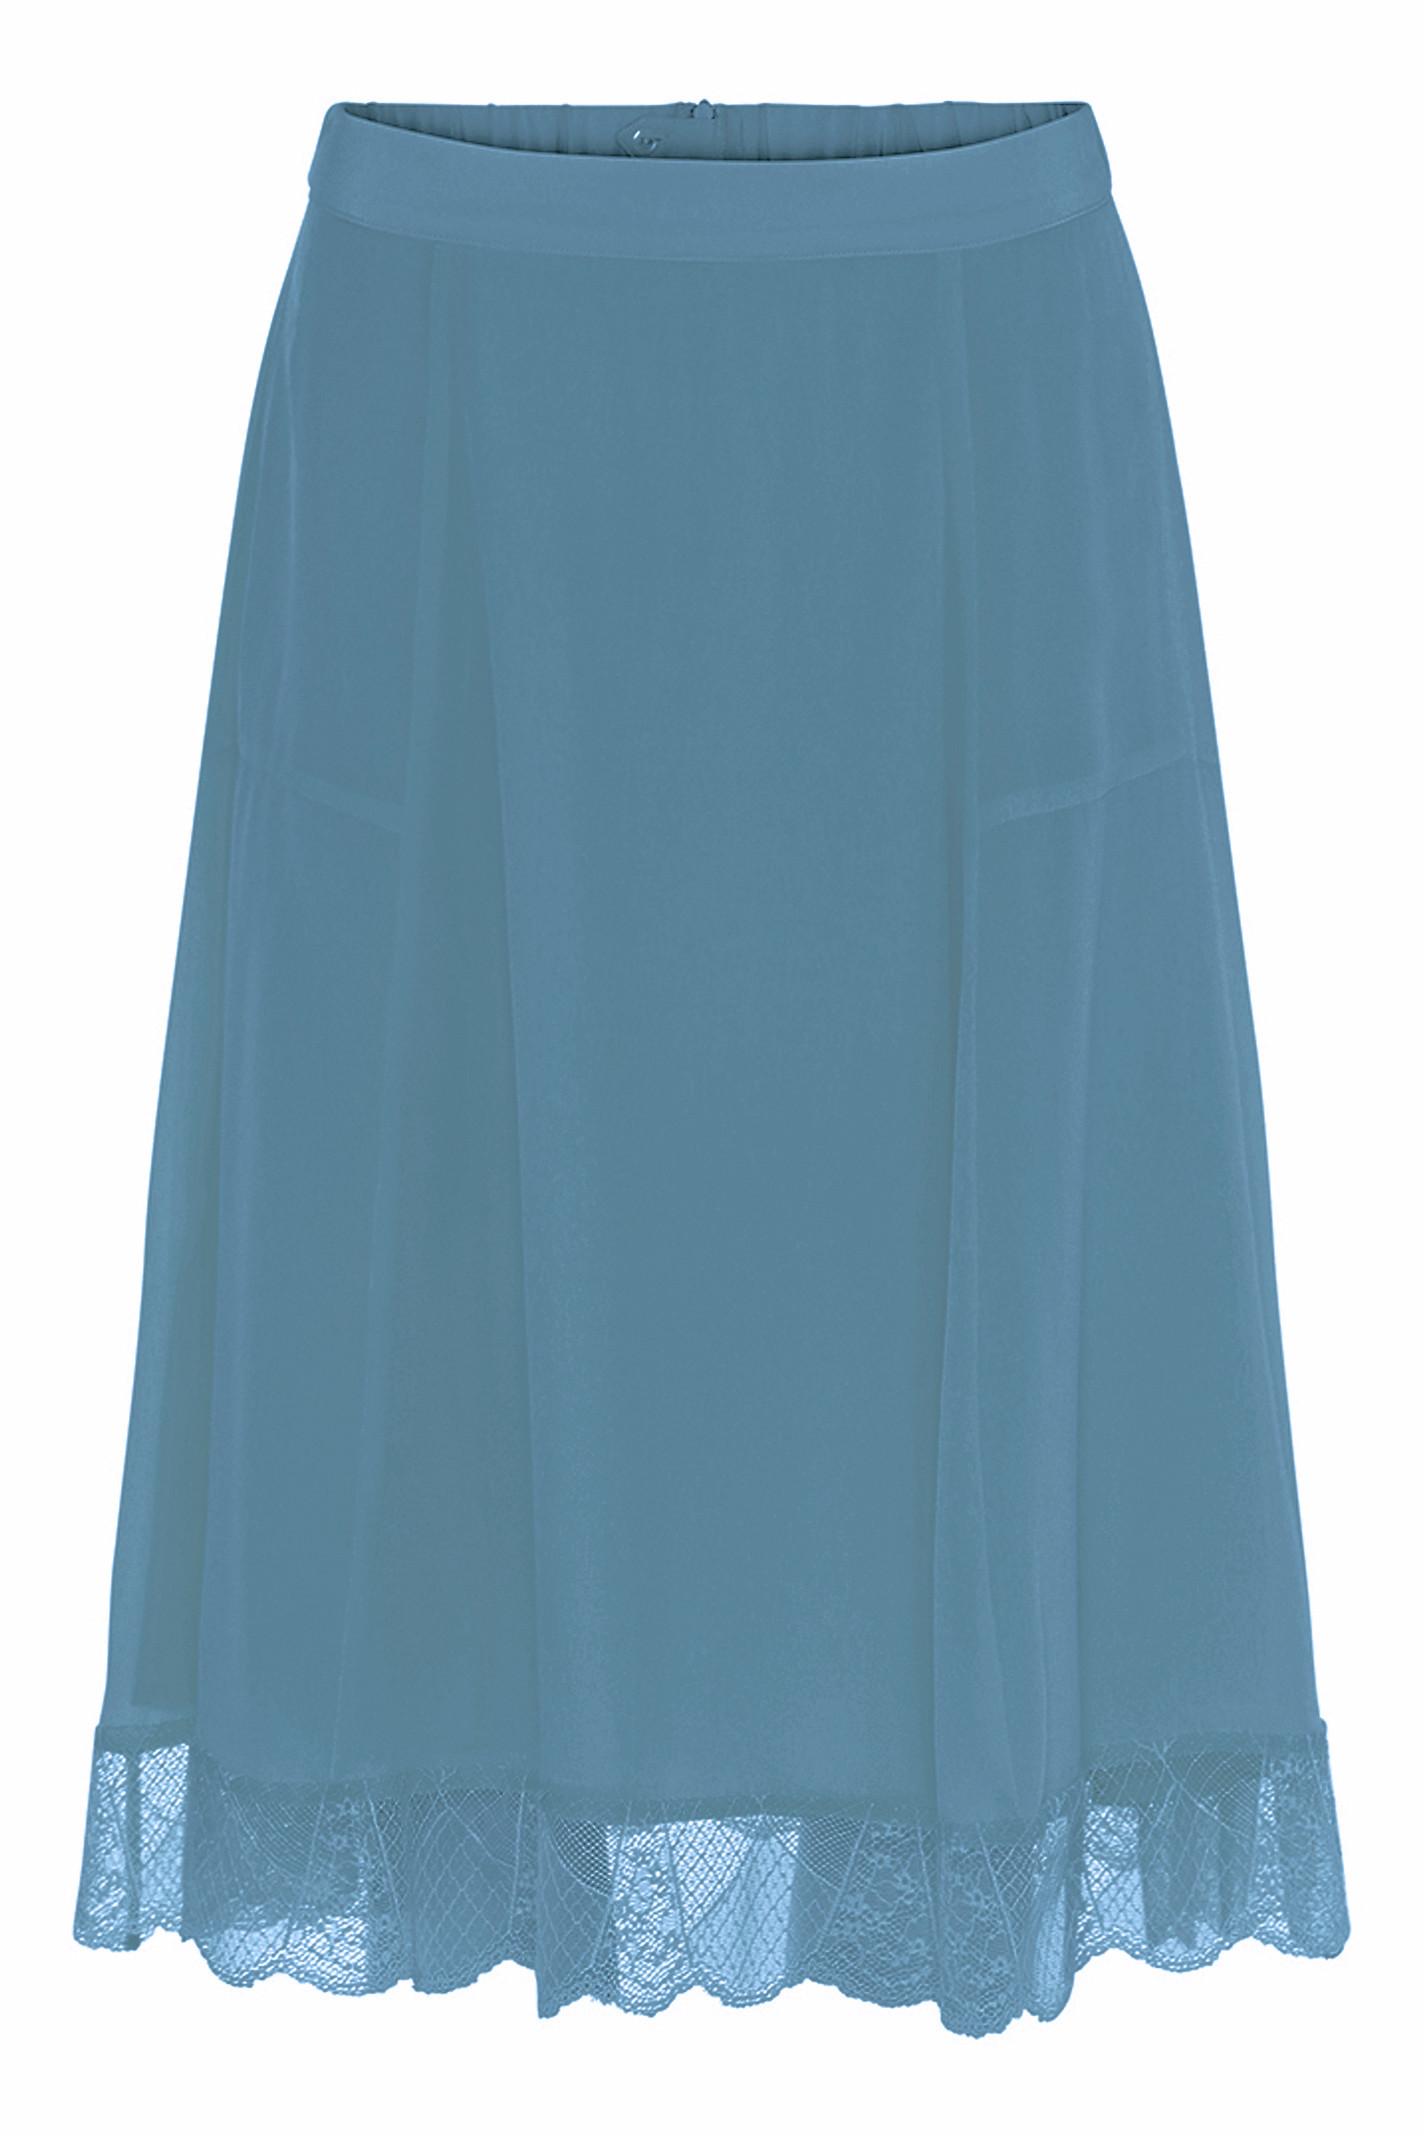 Yndige feminine nederdele shop din favorit nederdel fra